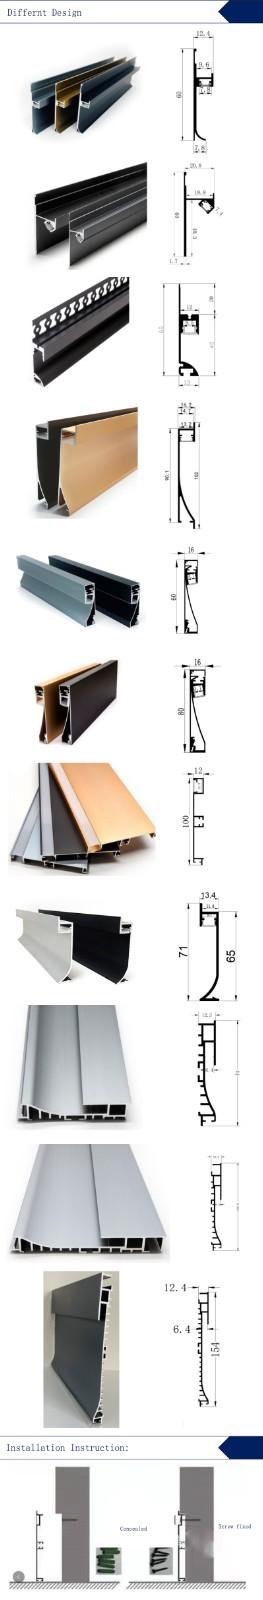 LED skirting board.jpg